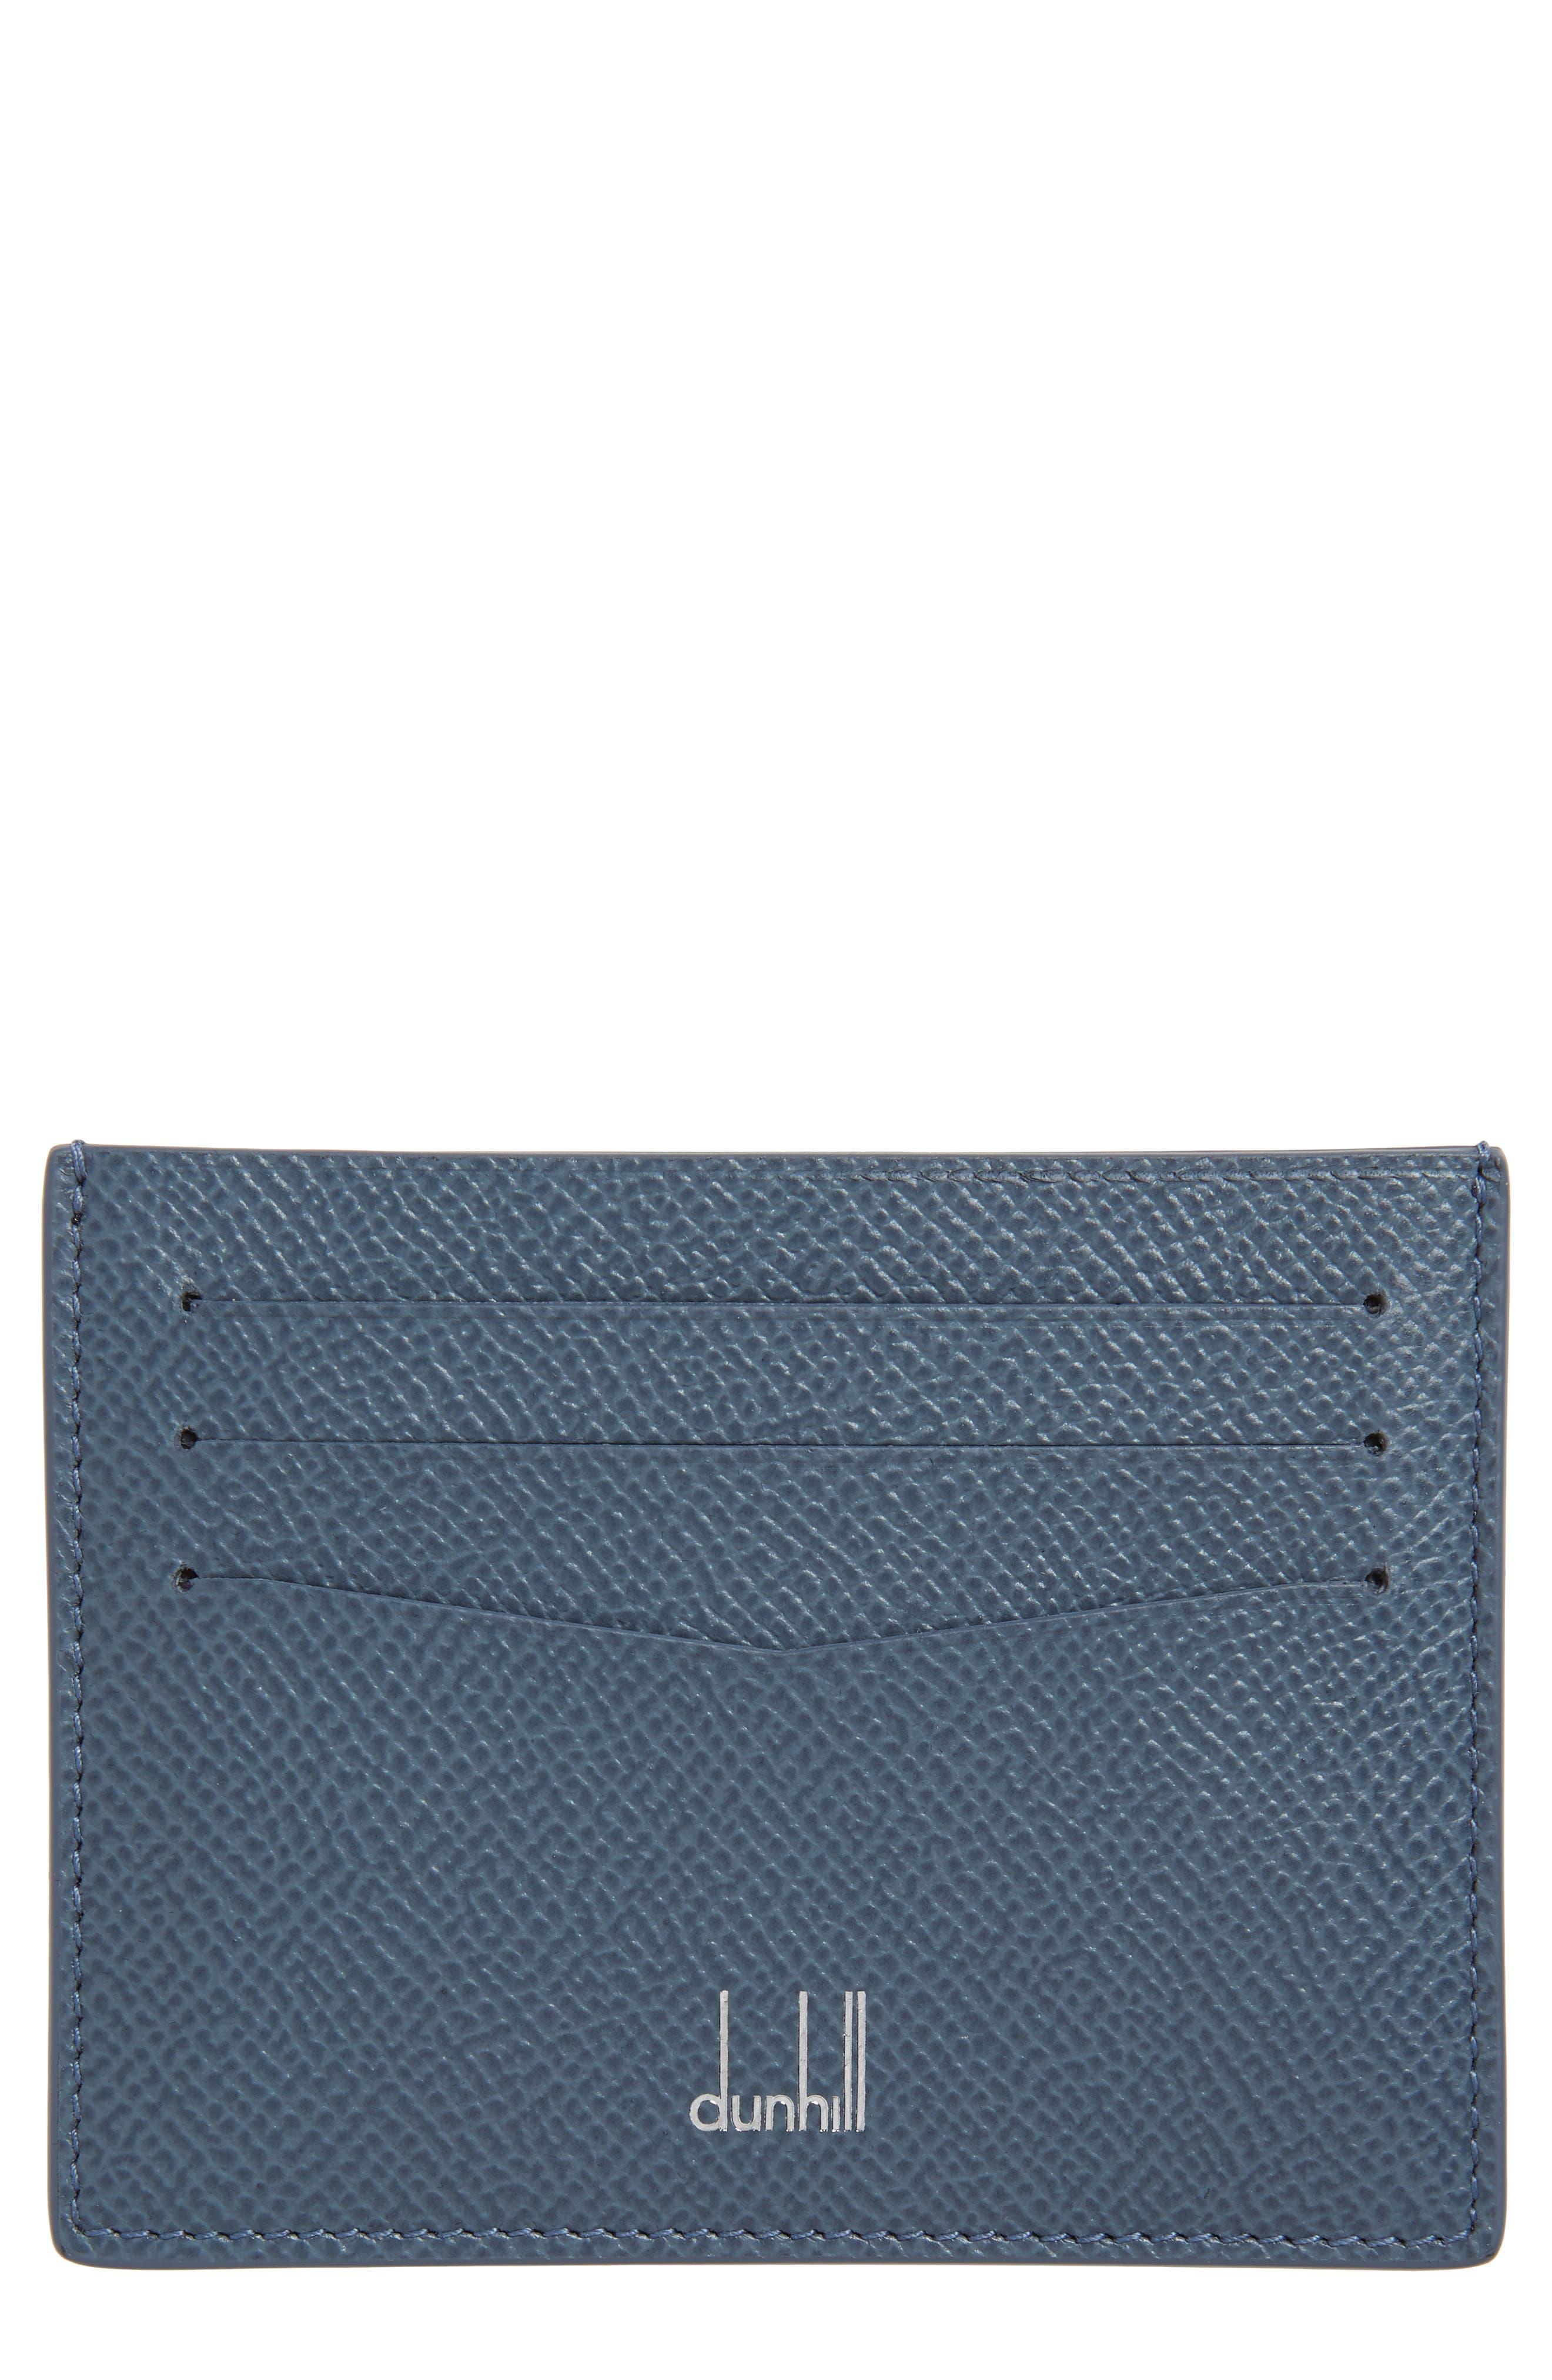 Dunhill Cadogan Card Case - Blue